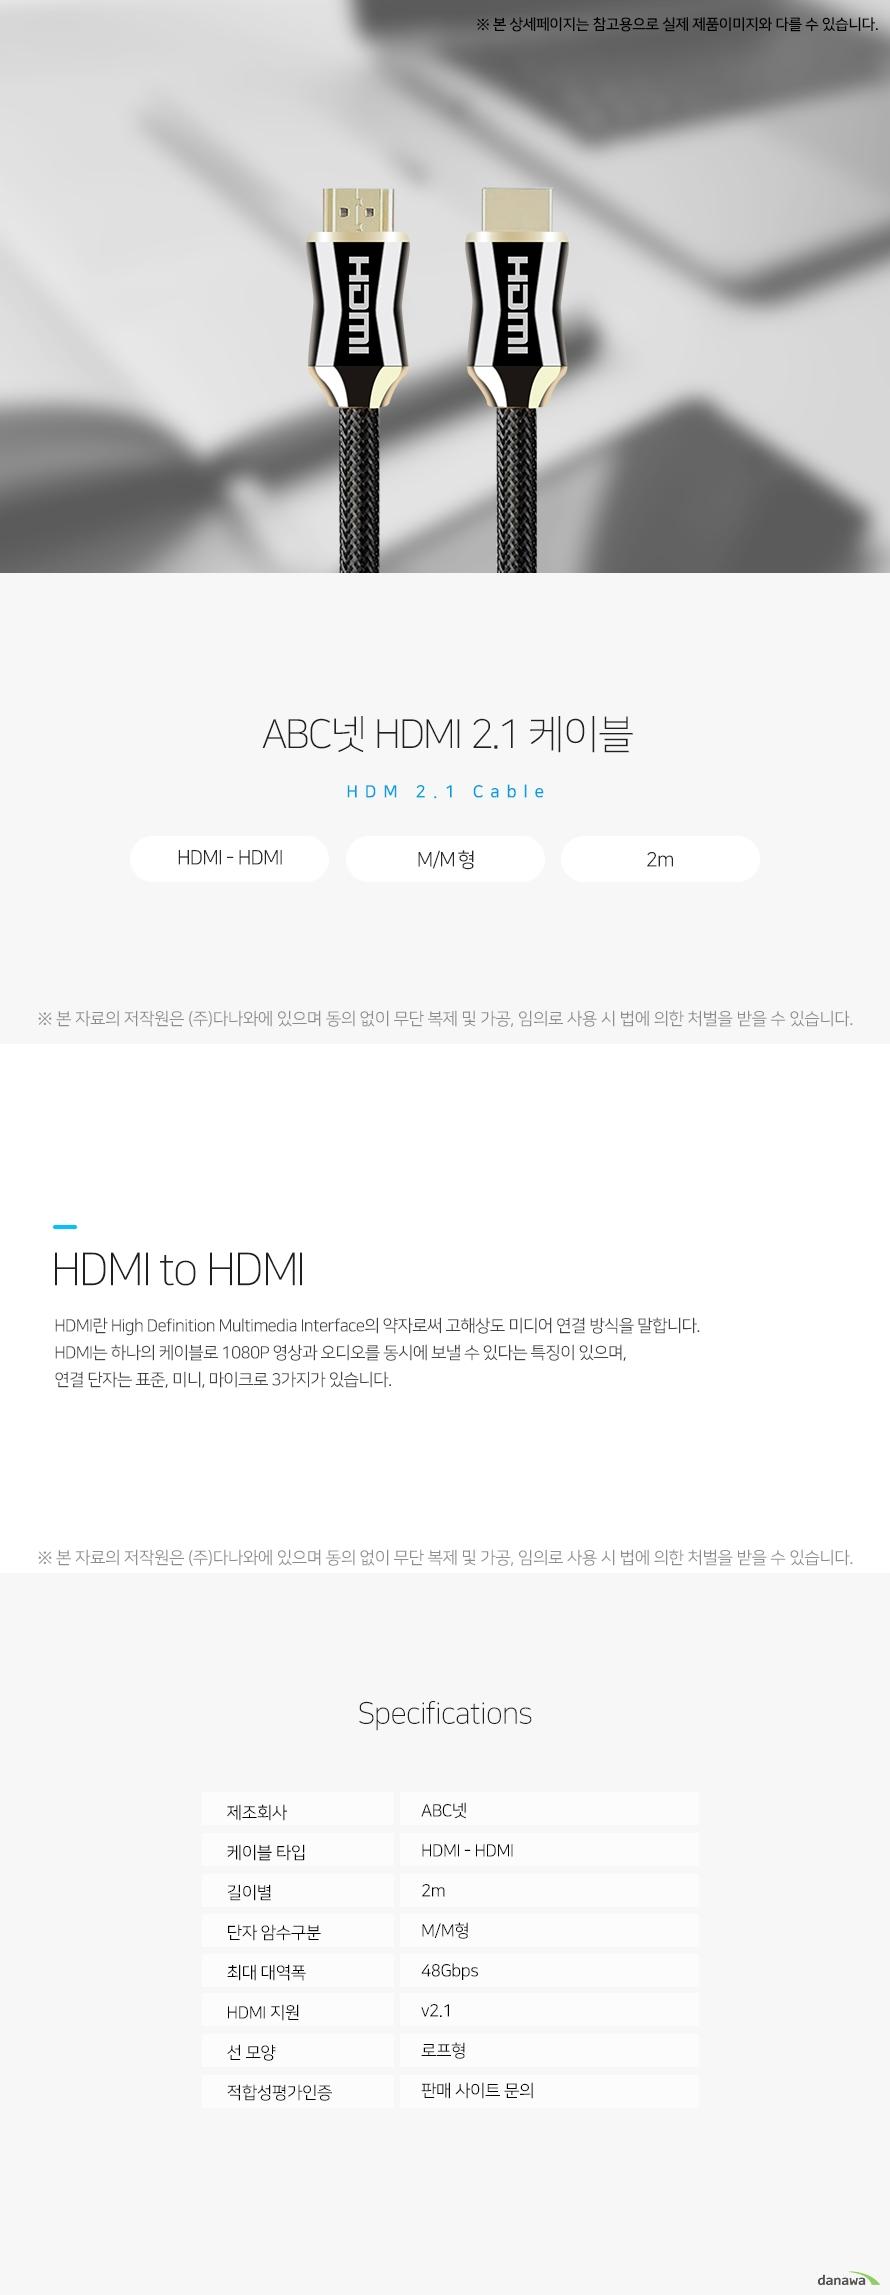 ABC넷 HDMI 2.1 케이블 (2m) 상세 스펙 HDMI 케이블 / HDMI~HDMI / M/M형 / 최대 대역폭: 48Gbps / v2.1 / HDMI / HDR / eARC / 로프형 / 최대 7680x4320 60Hz / QFT, QMS, VRR 지원